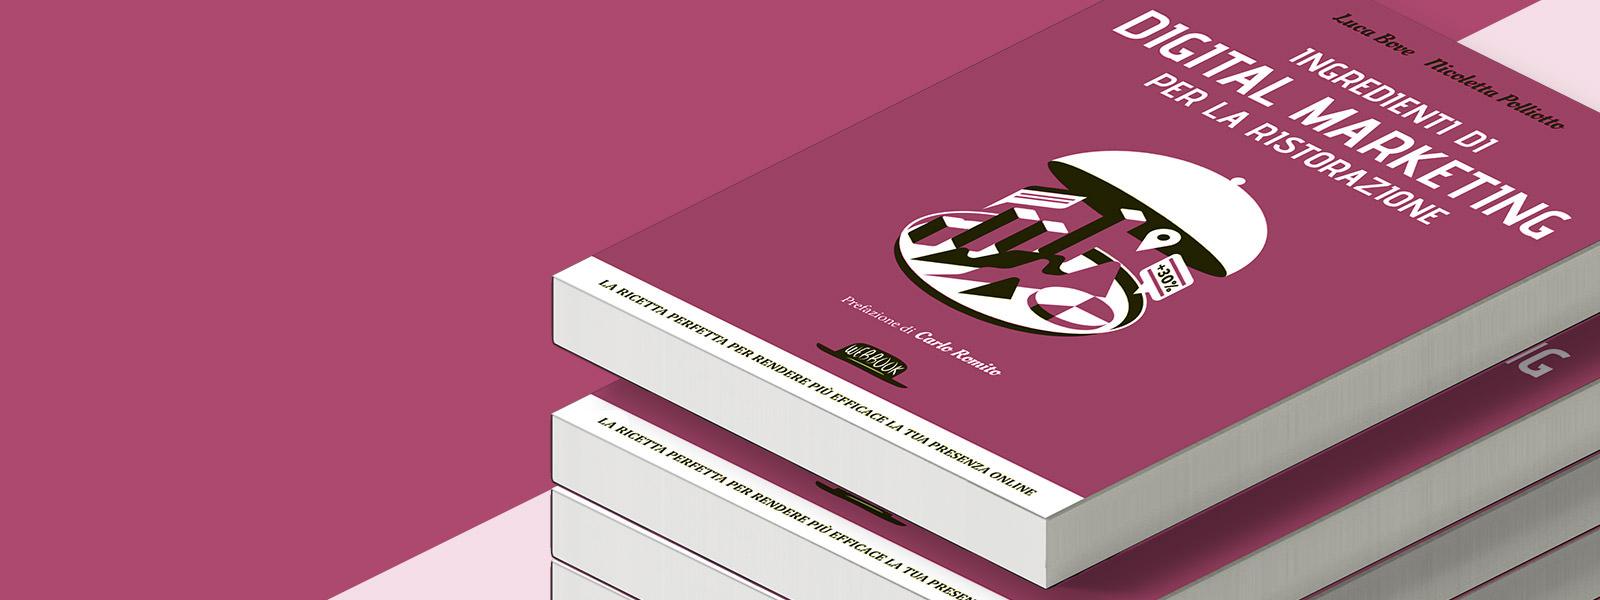 Muse Comunicazione - New Book: Ingredienti di Digital Marketing per la Ristorazione